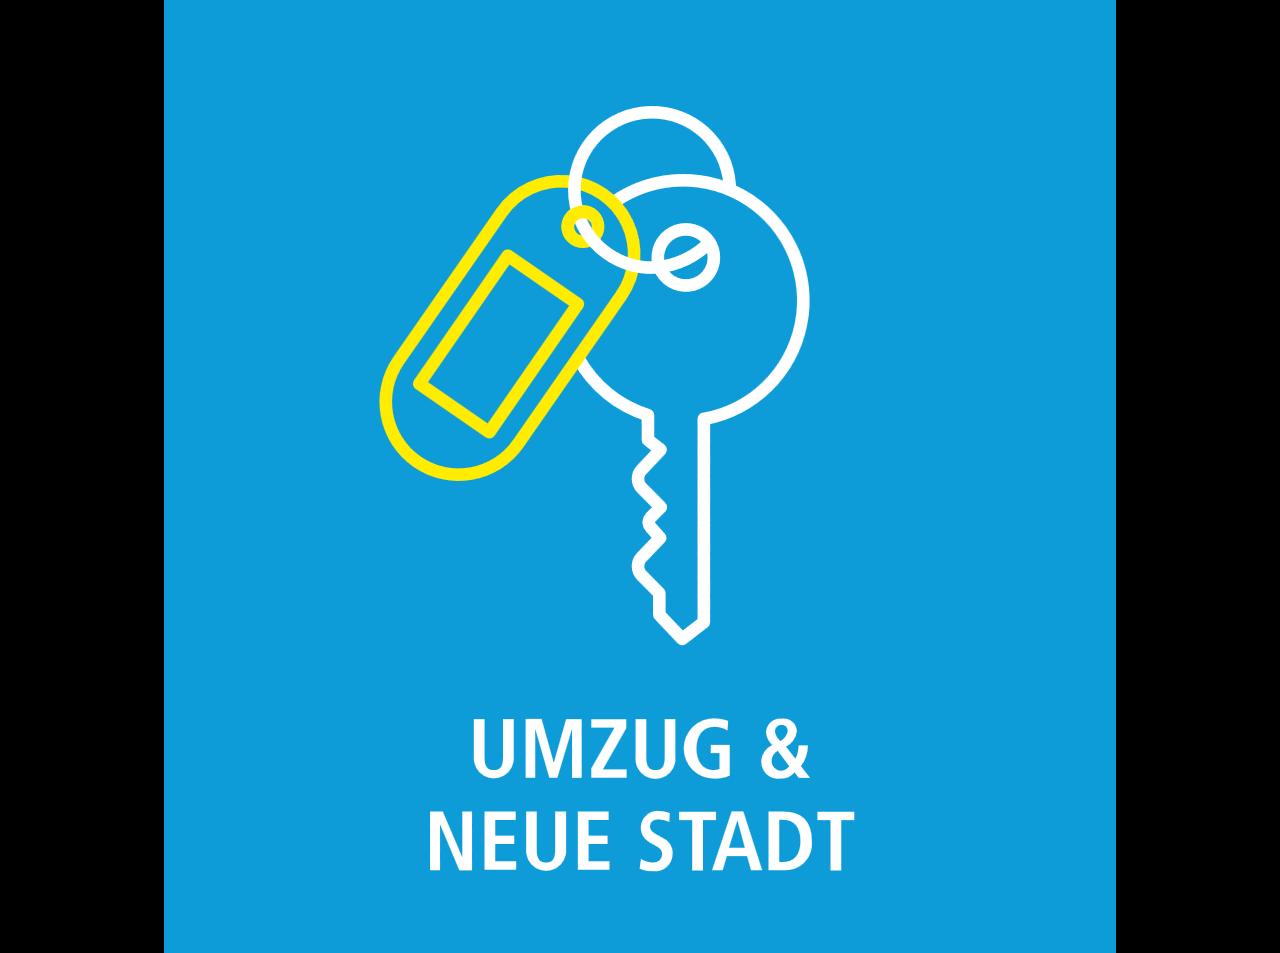 Umzug & Neue Stadt